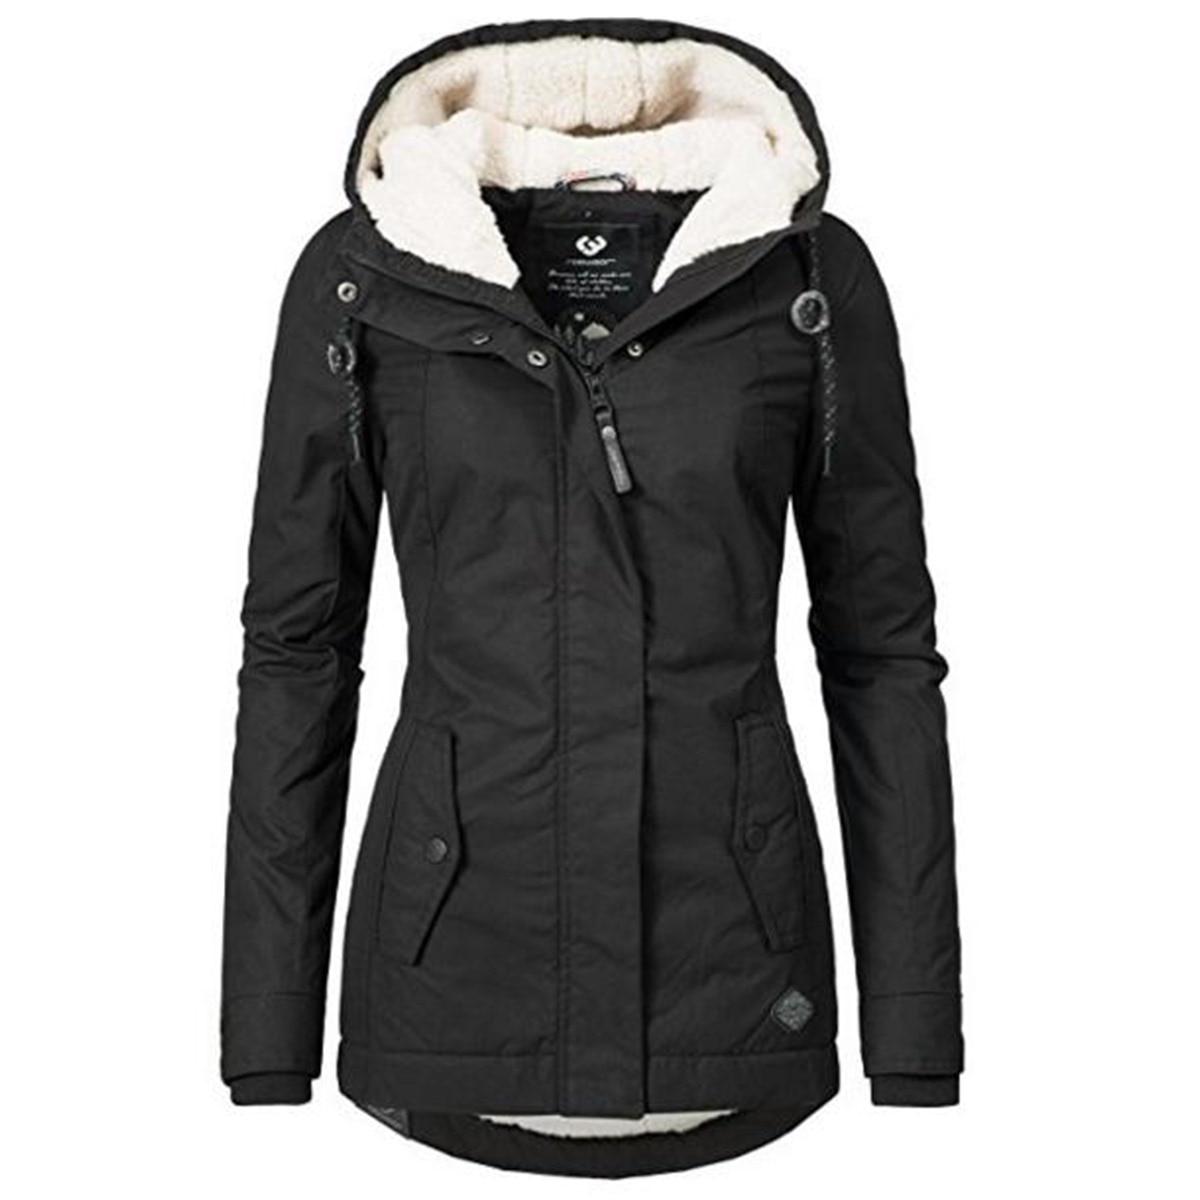 Negro abrigos de algodón Casual de mujer chaqueta de moda Simple de la calle Slim invierno cálido espesar básica Tops Mujer plus tamaño trabajo